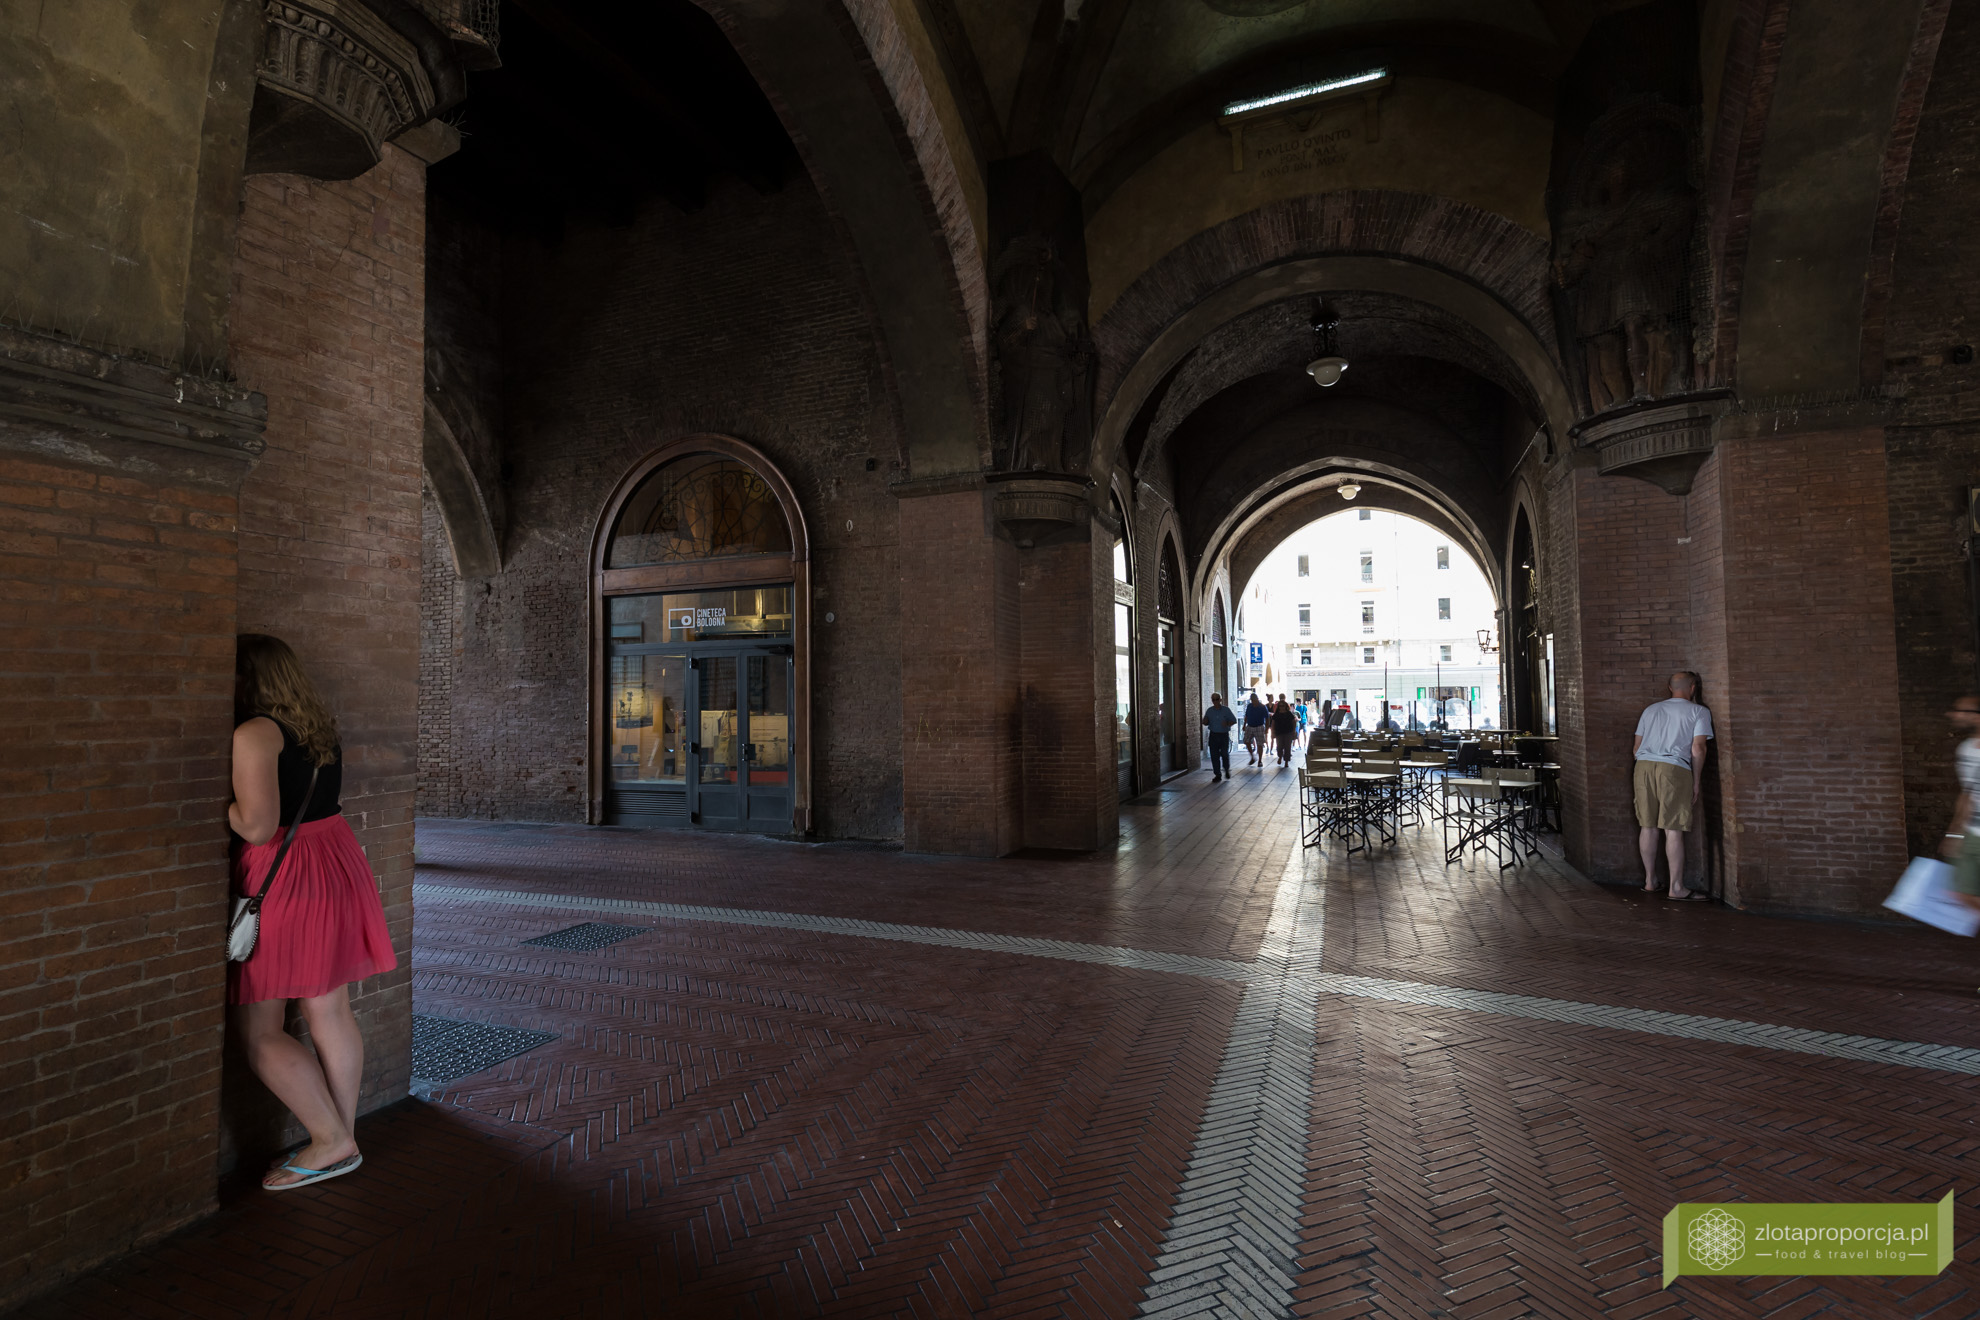 Bolonia, atrakcje Bolonii, zwiedzanie Bolonii, sekrety Bolonii, siedem sekretów Bolonii, Voltone del Podestà, Emilia Romania,